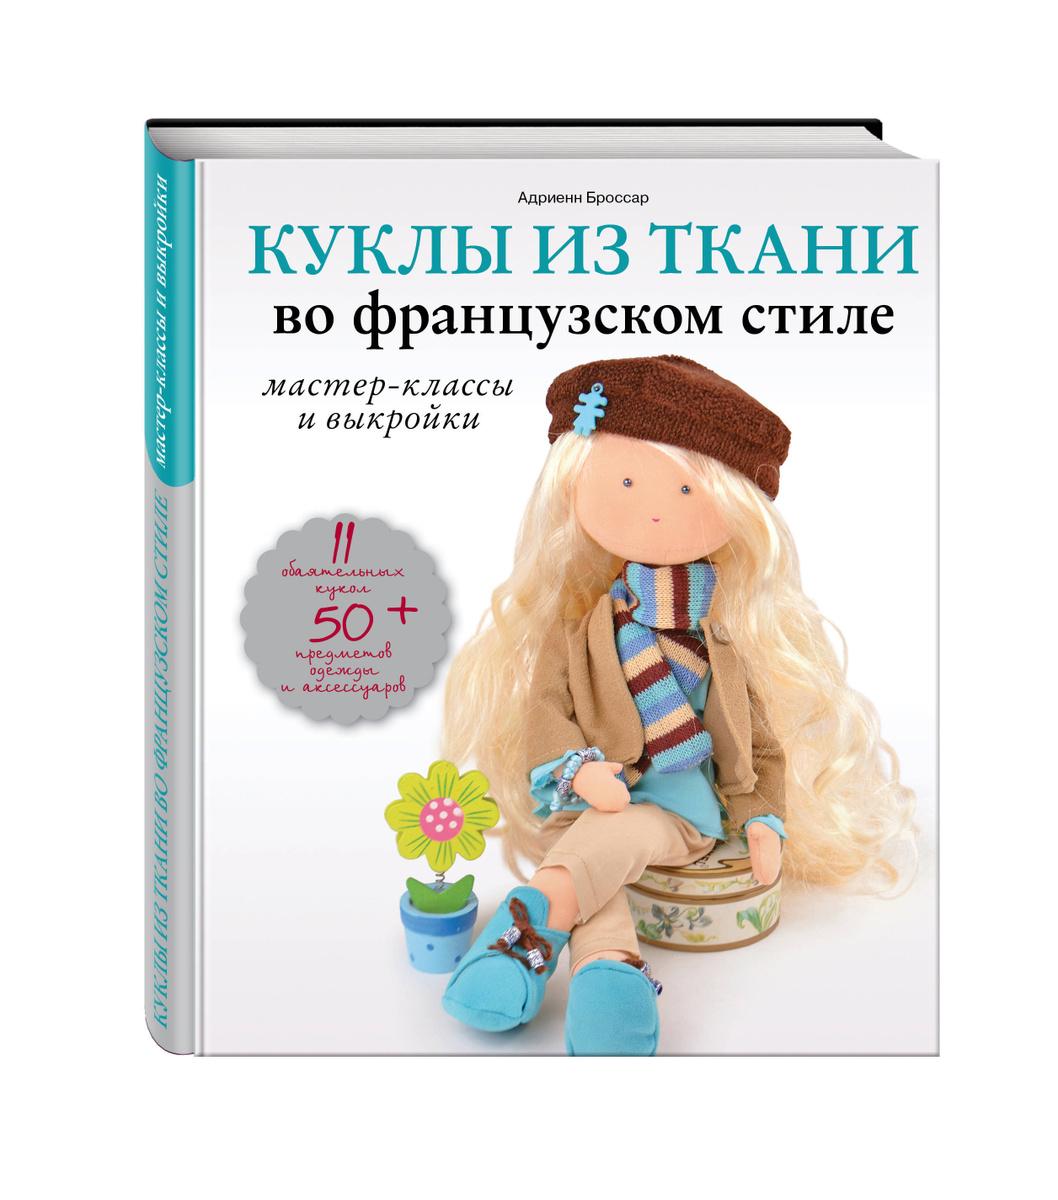 Куклы из ткани во французском стиле: мастер-классы и выкройки | Броссар Адриенн  #1